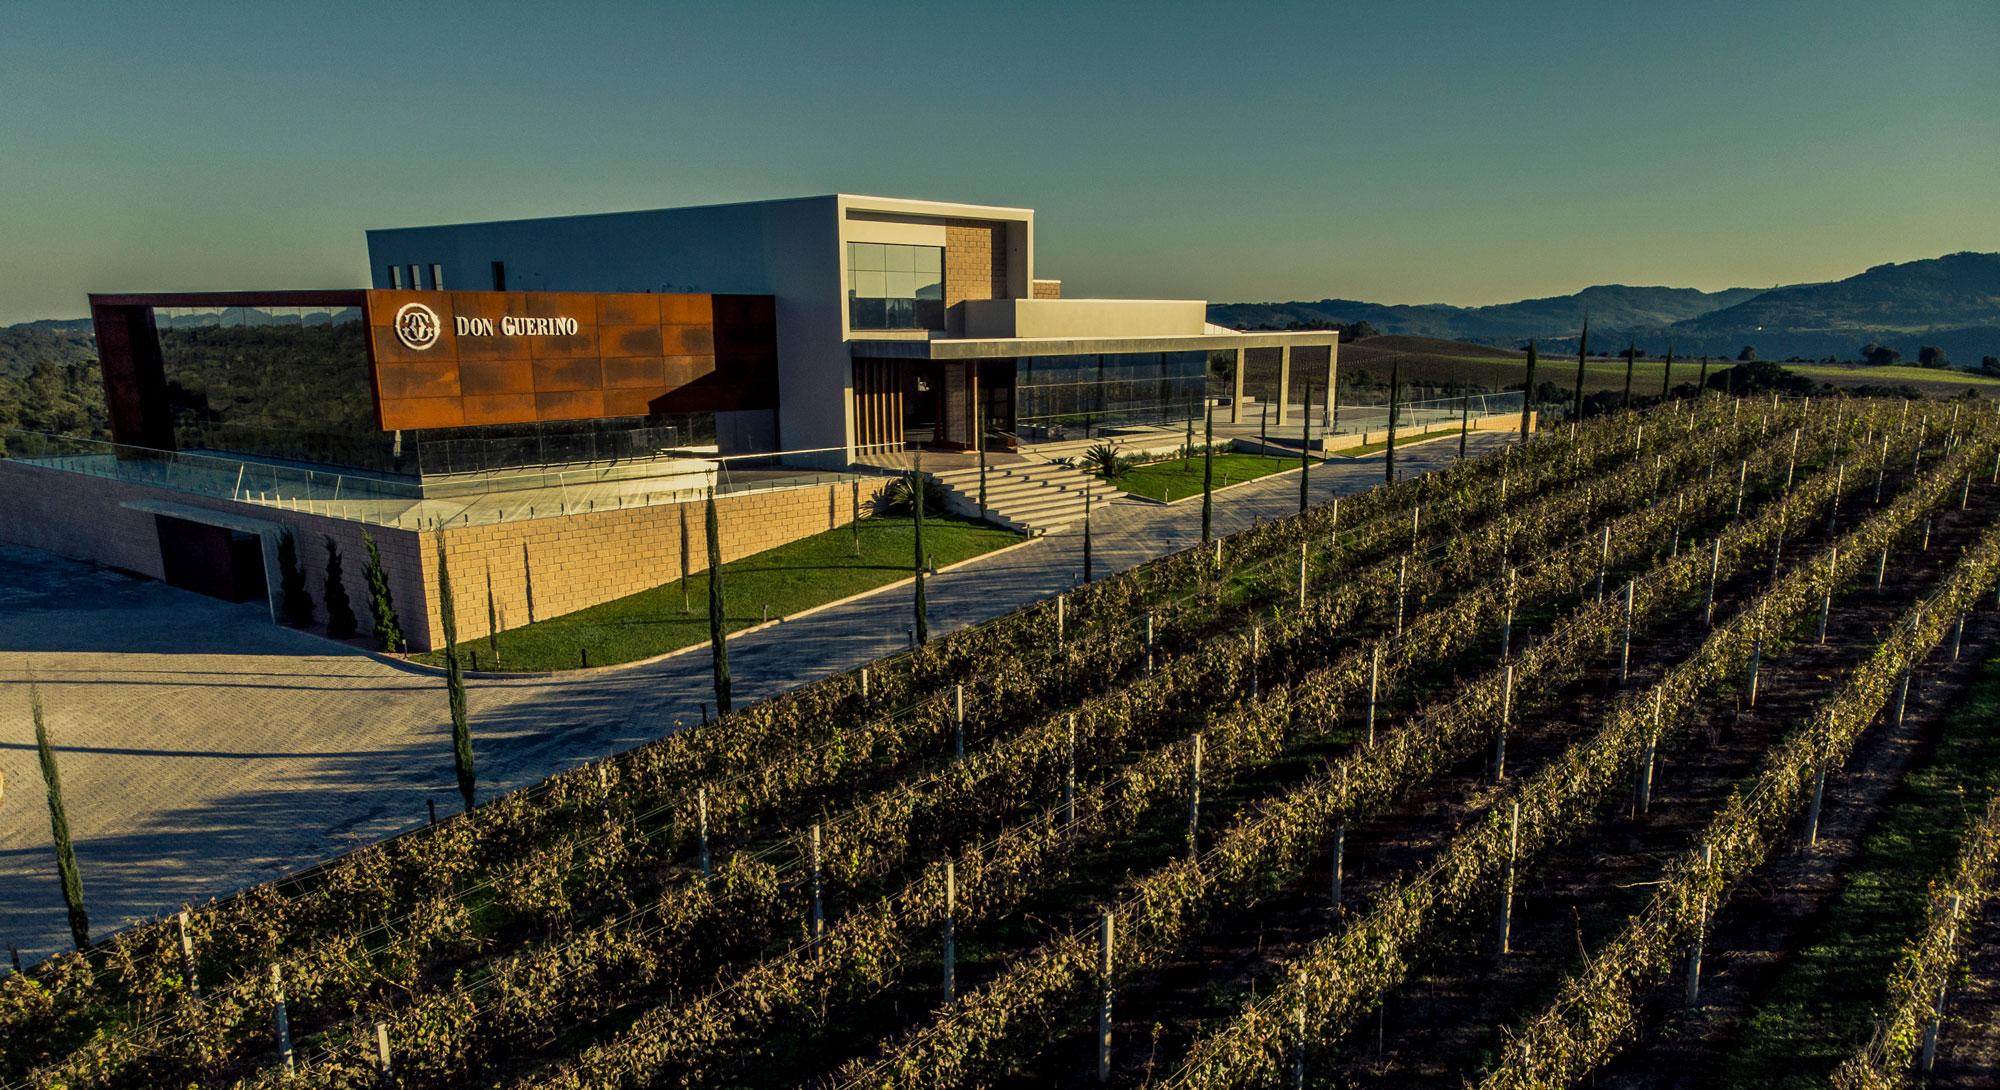 Don Guerino: una moderna azienda vinicola con tecnologie all'avanguardia